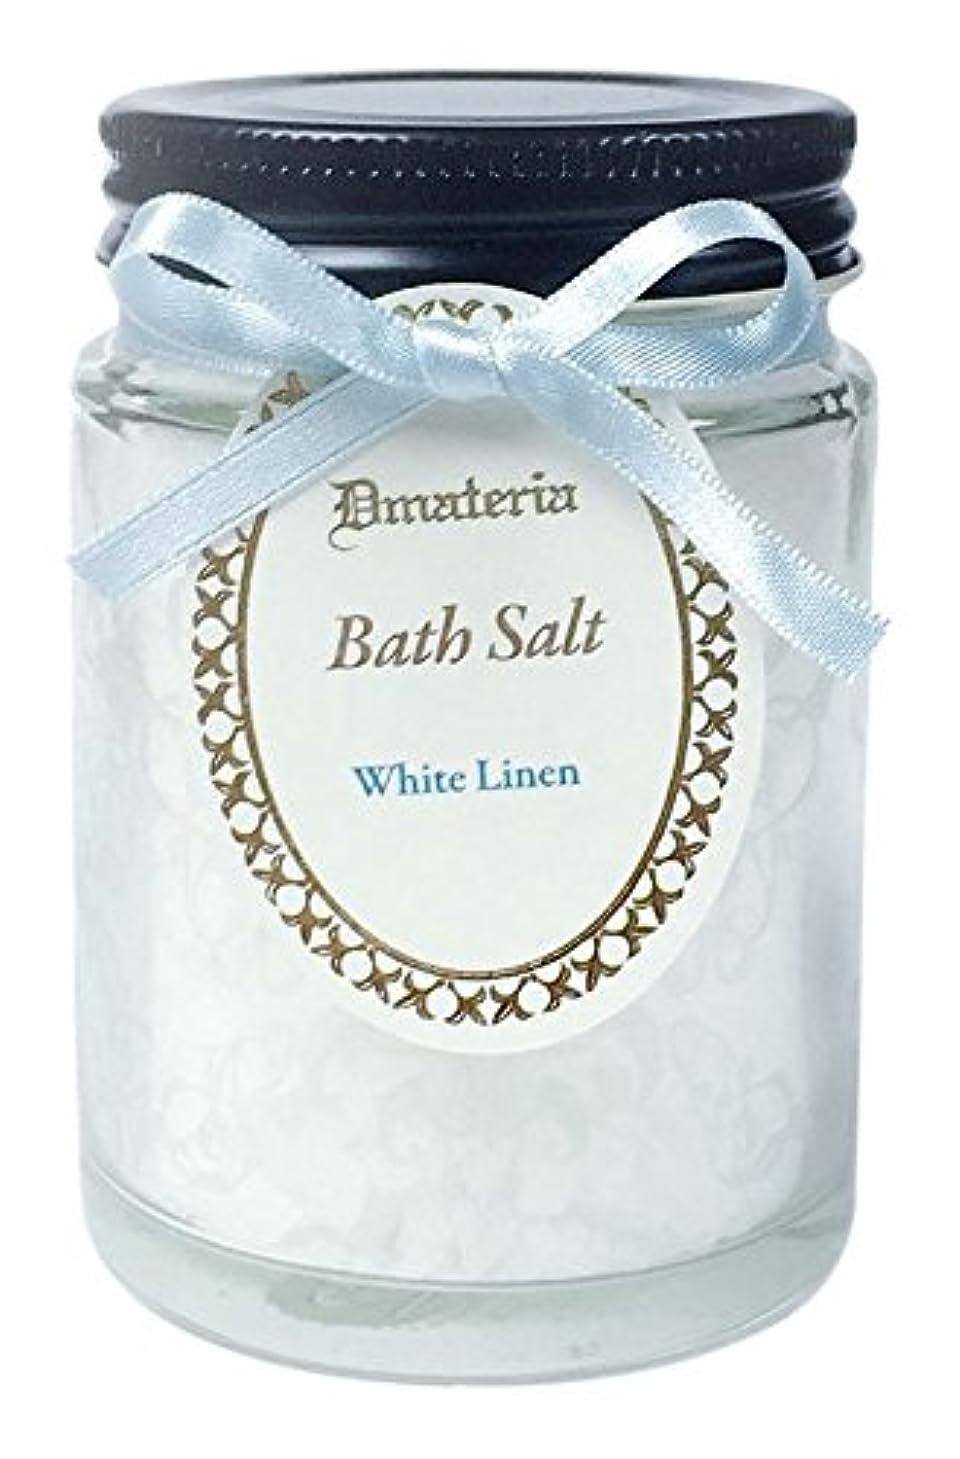 鋭くスクラップブック管理しますD materia バスソルト ホワイトリネン White Linen Bath Salt ディーマテリア